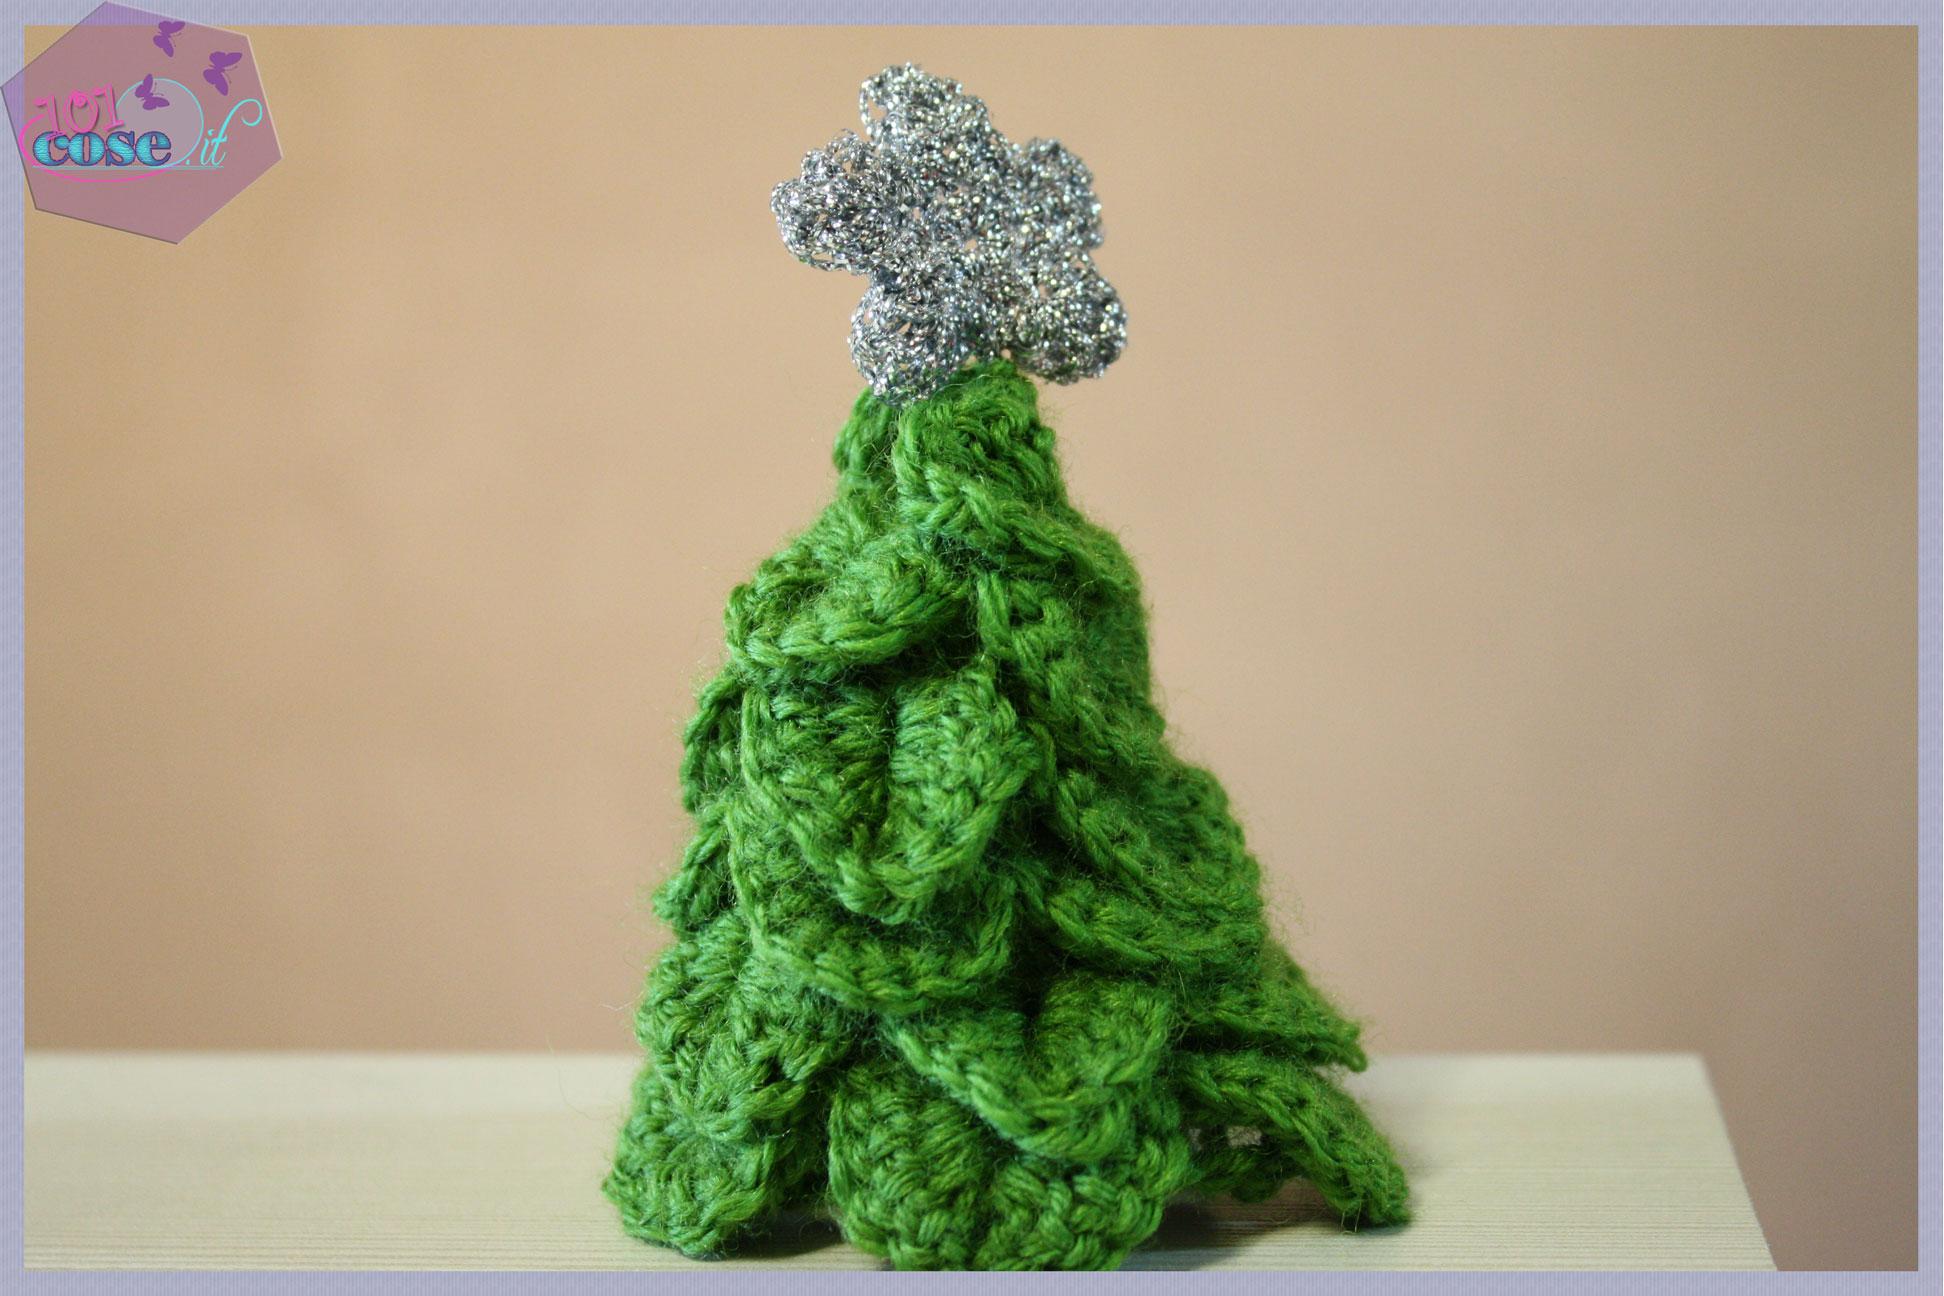 Come si fa un albero di natale all'uncinetto